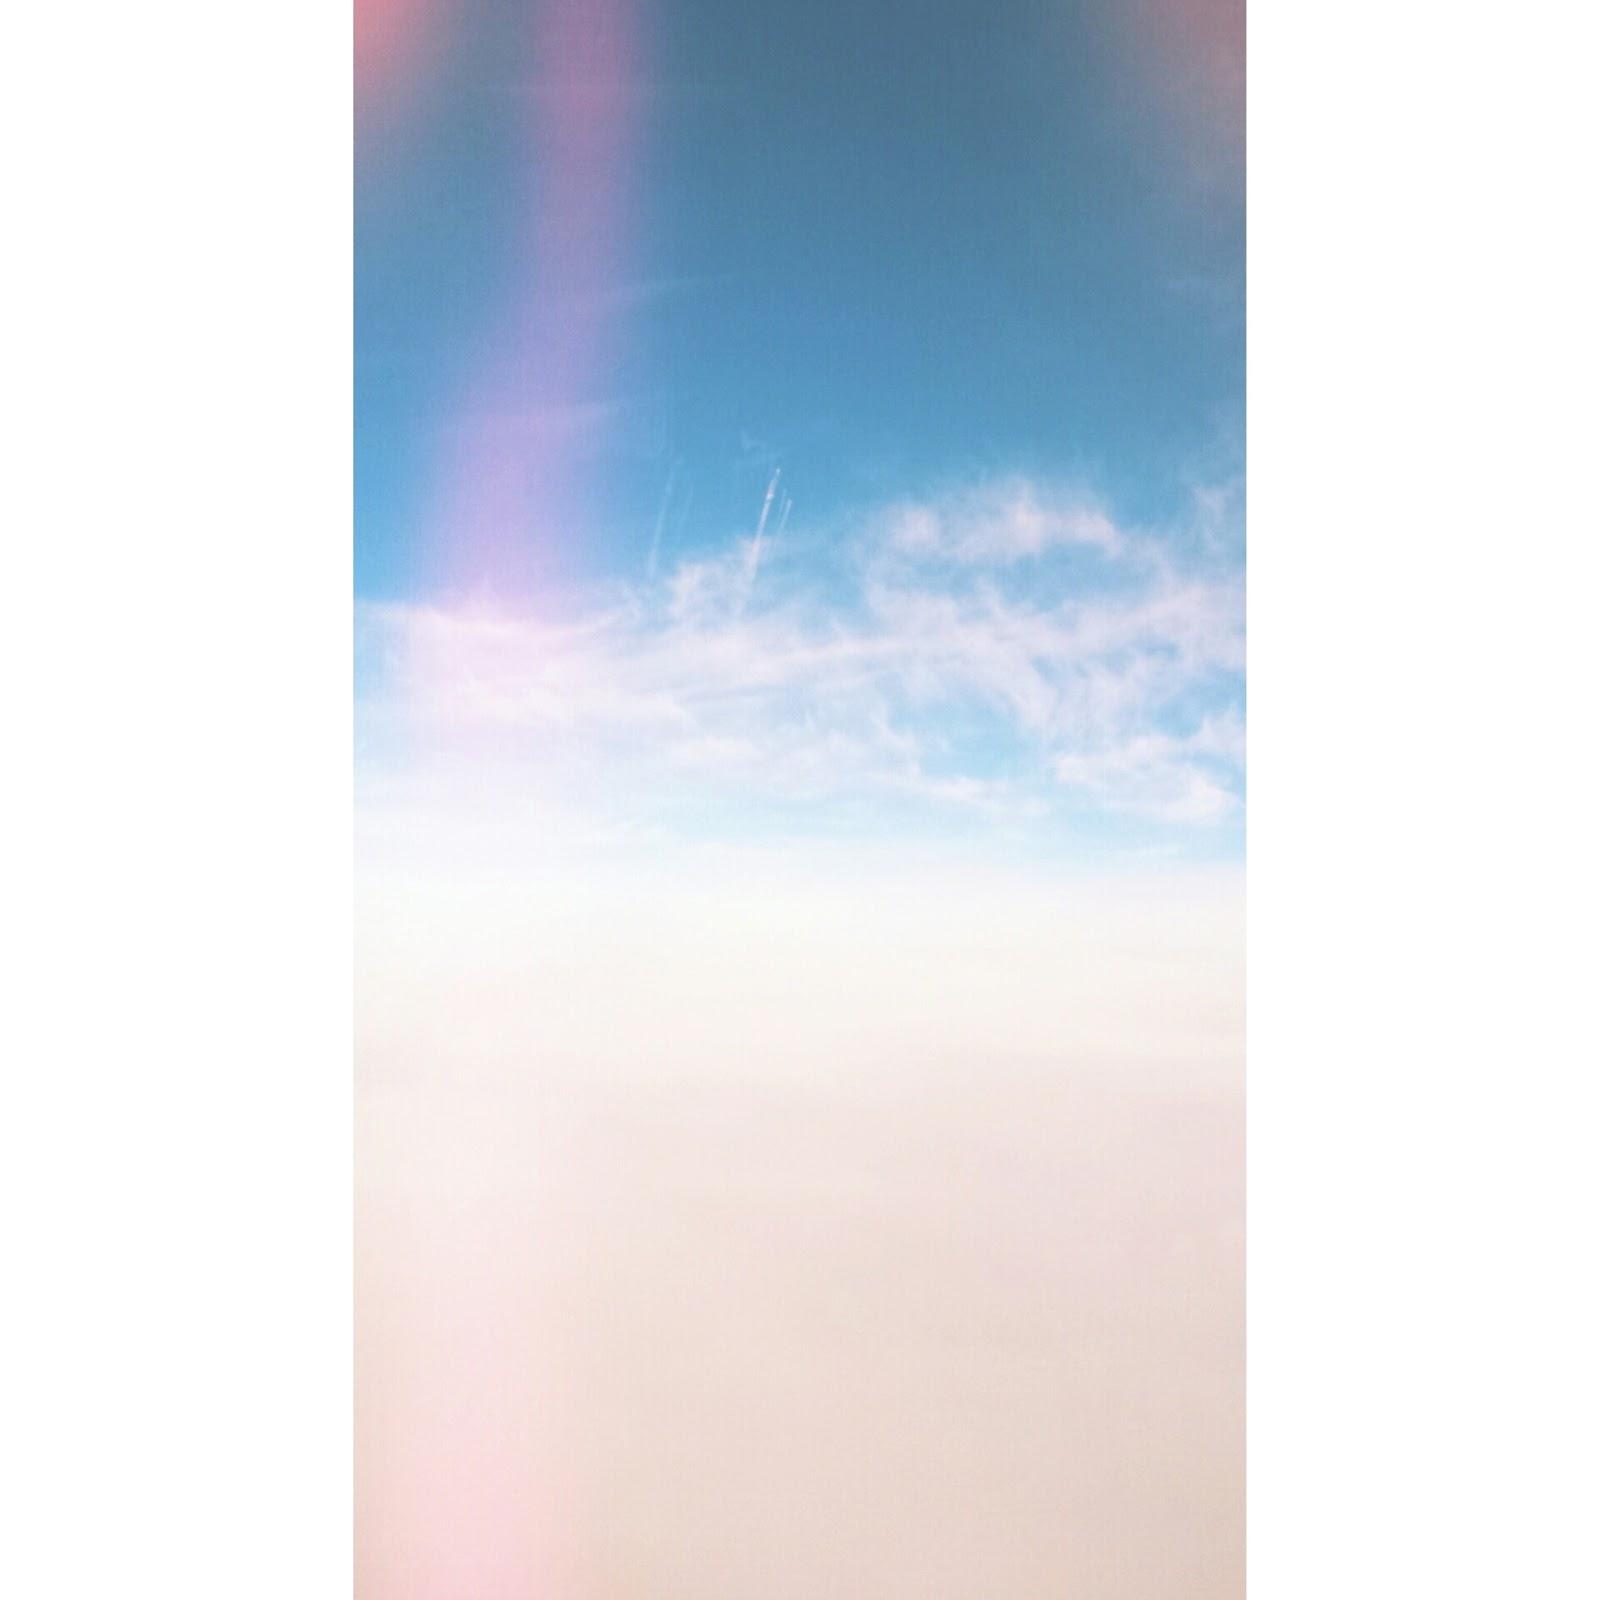 chmury, lot samolotem, inspiracja, podróże, instagram